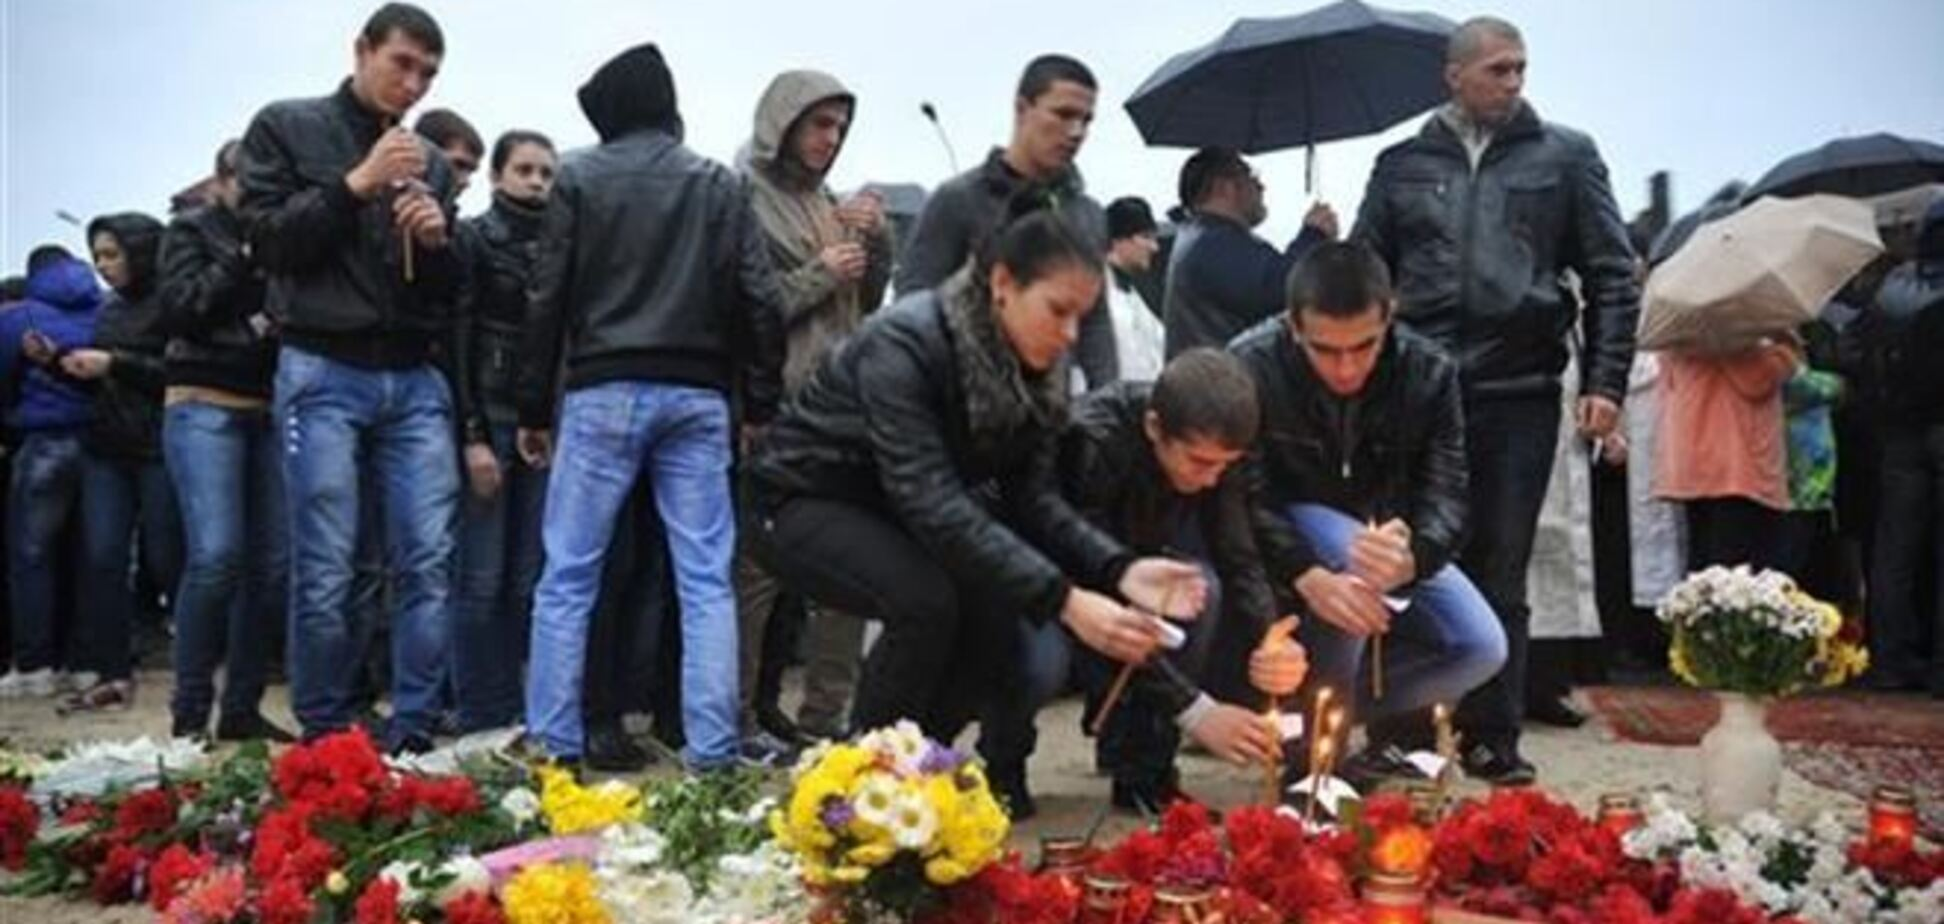 На місці теракту в Волгограді встановили поклонний хрест з іменами жертв